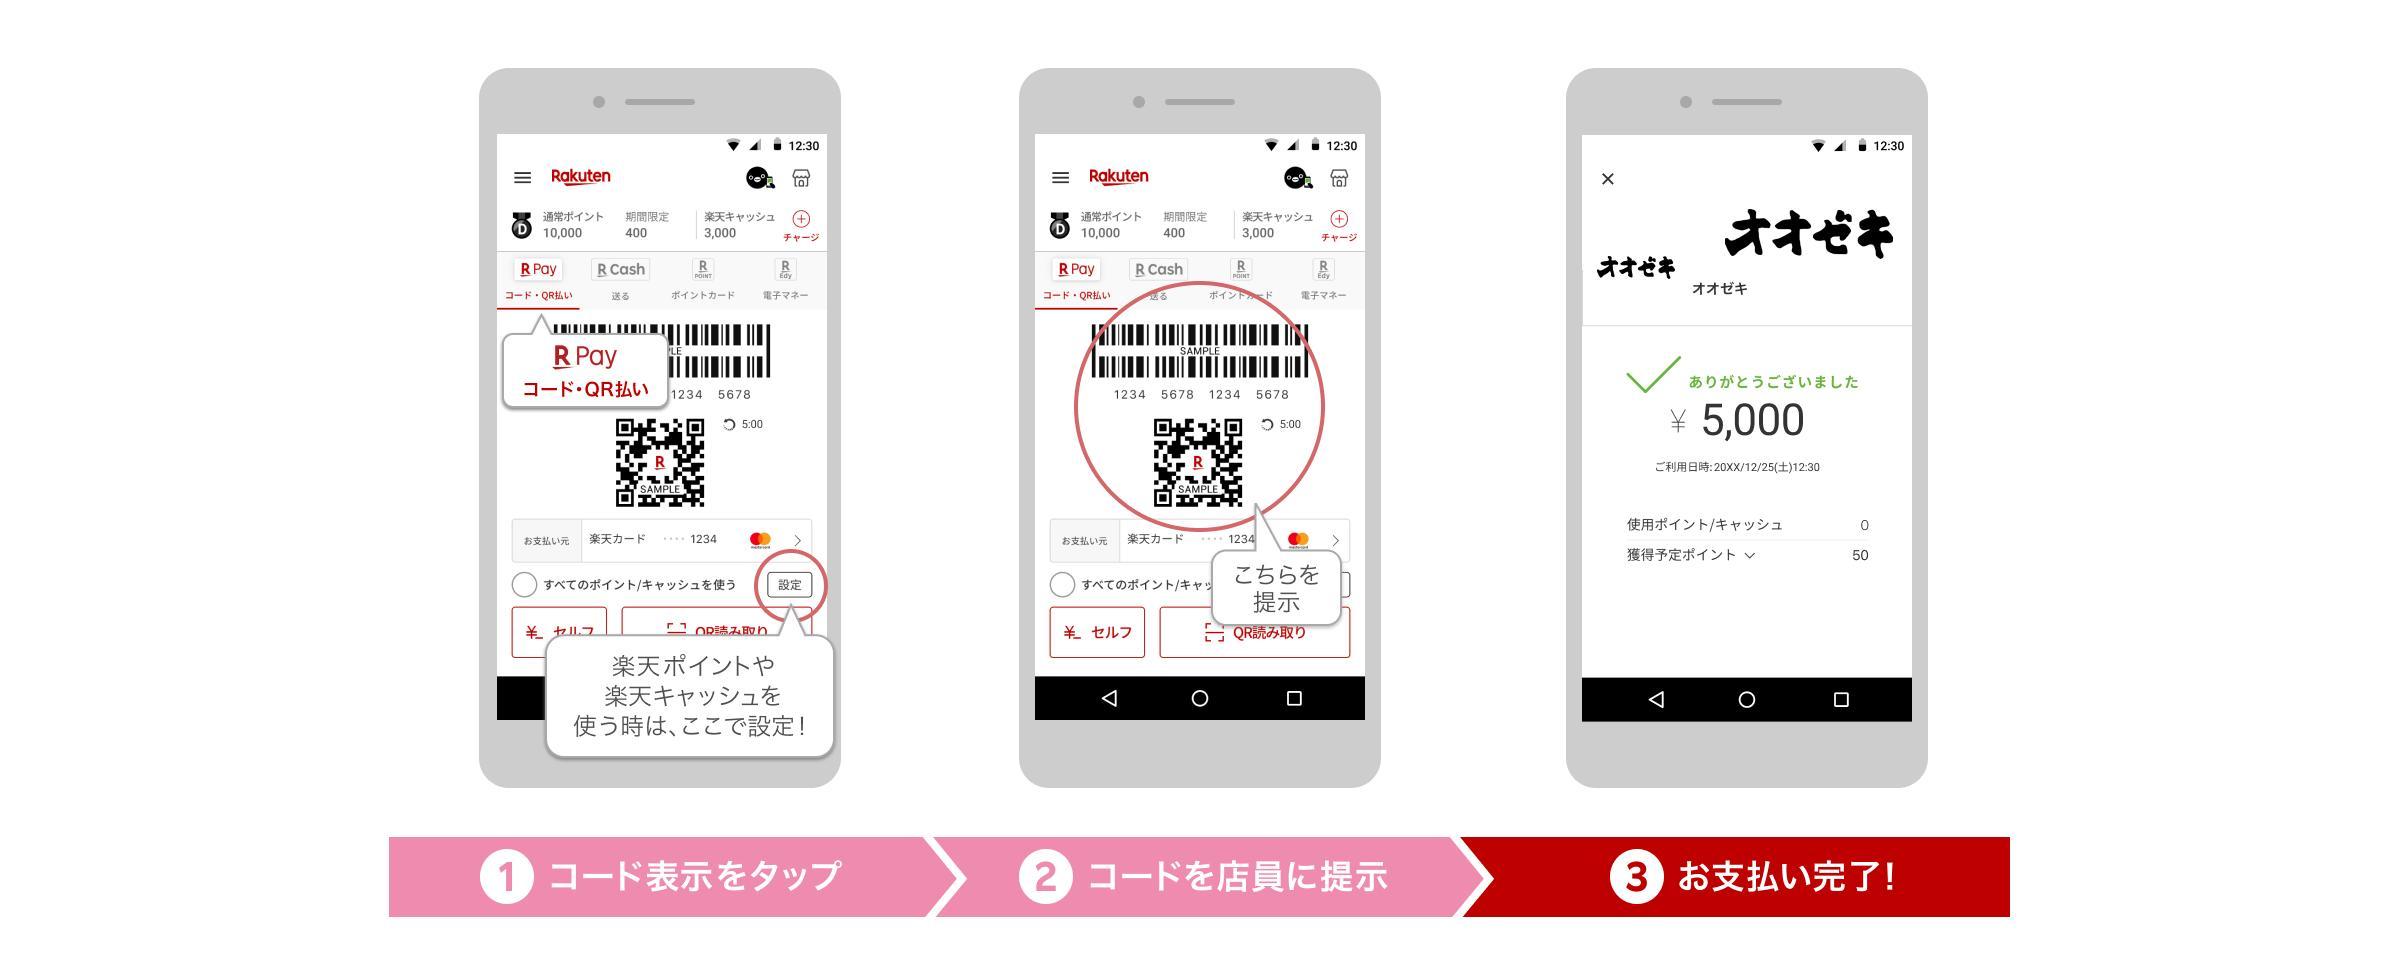 スーパー「オオゼキ」42店舗で、「楽天ペイ(アプリ決済)」が利用可能に 画像